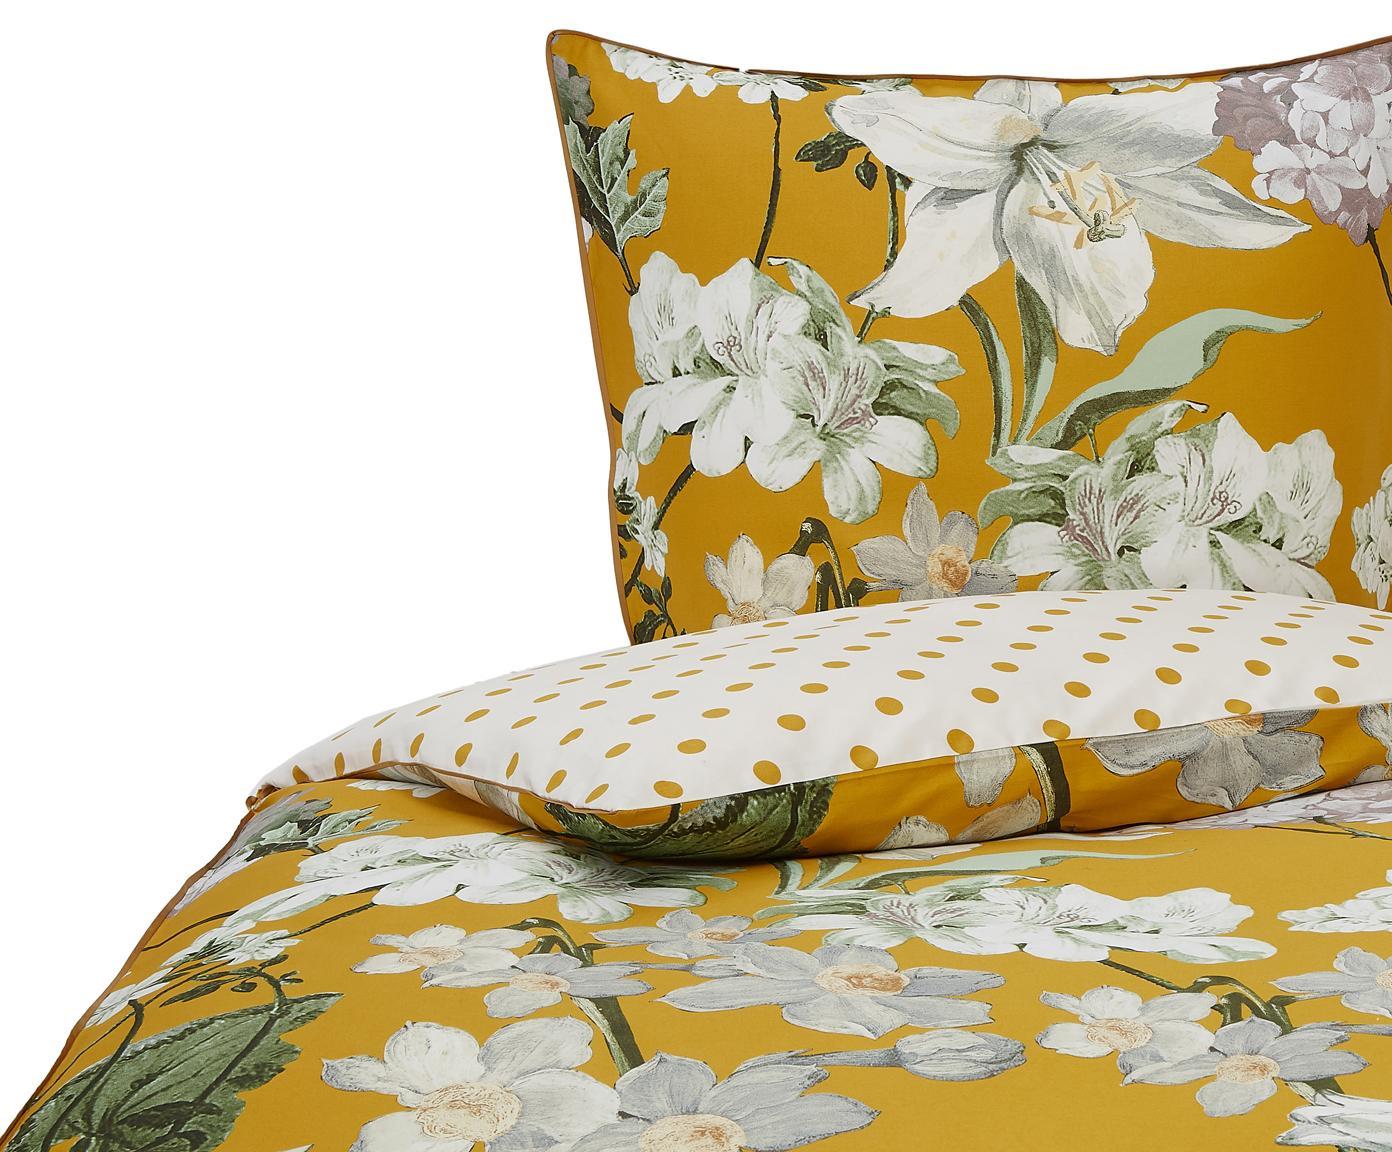 Baumwollsatin-Wendebettwäsche Rosalee mit Blumen-Muster, Webart: Satin Fadendichte 215 TC,, Senfgelb, Mehrfarbig, 135 x 200 cm + 1 Kissen 80 x 80 cm